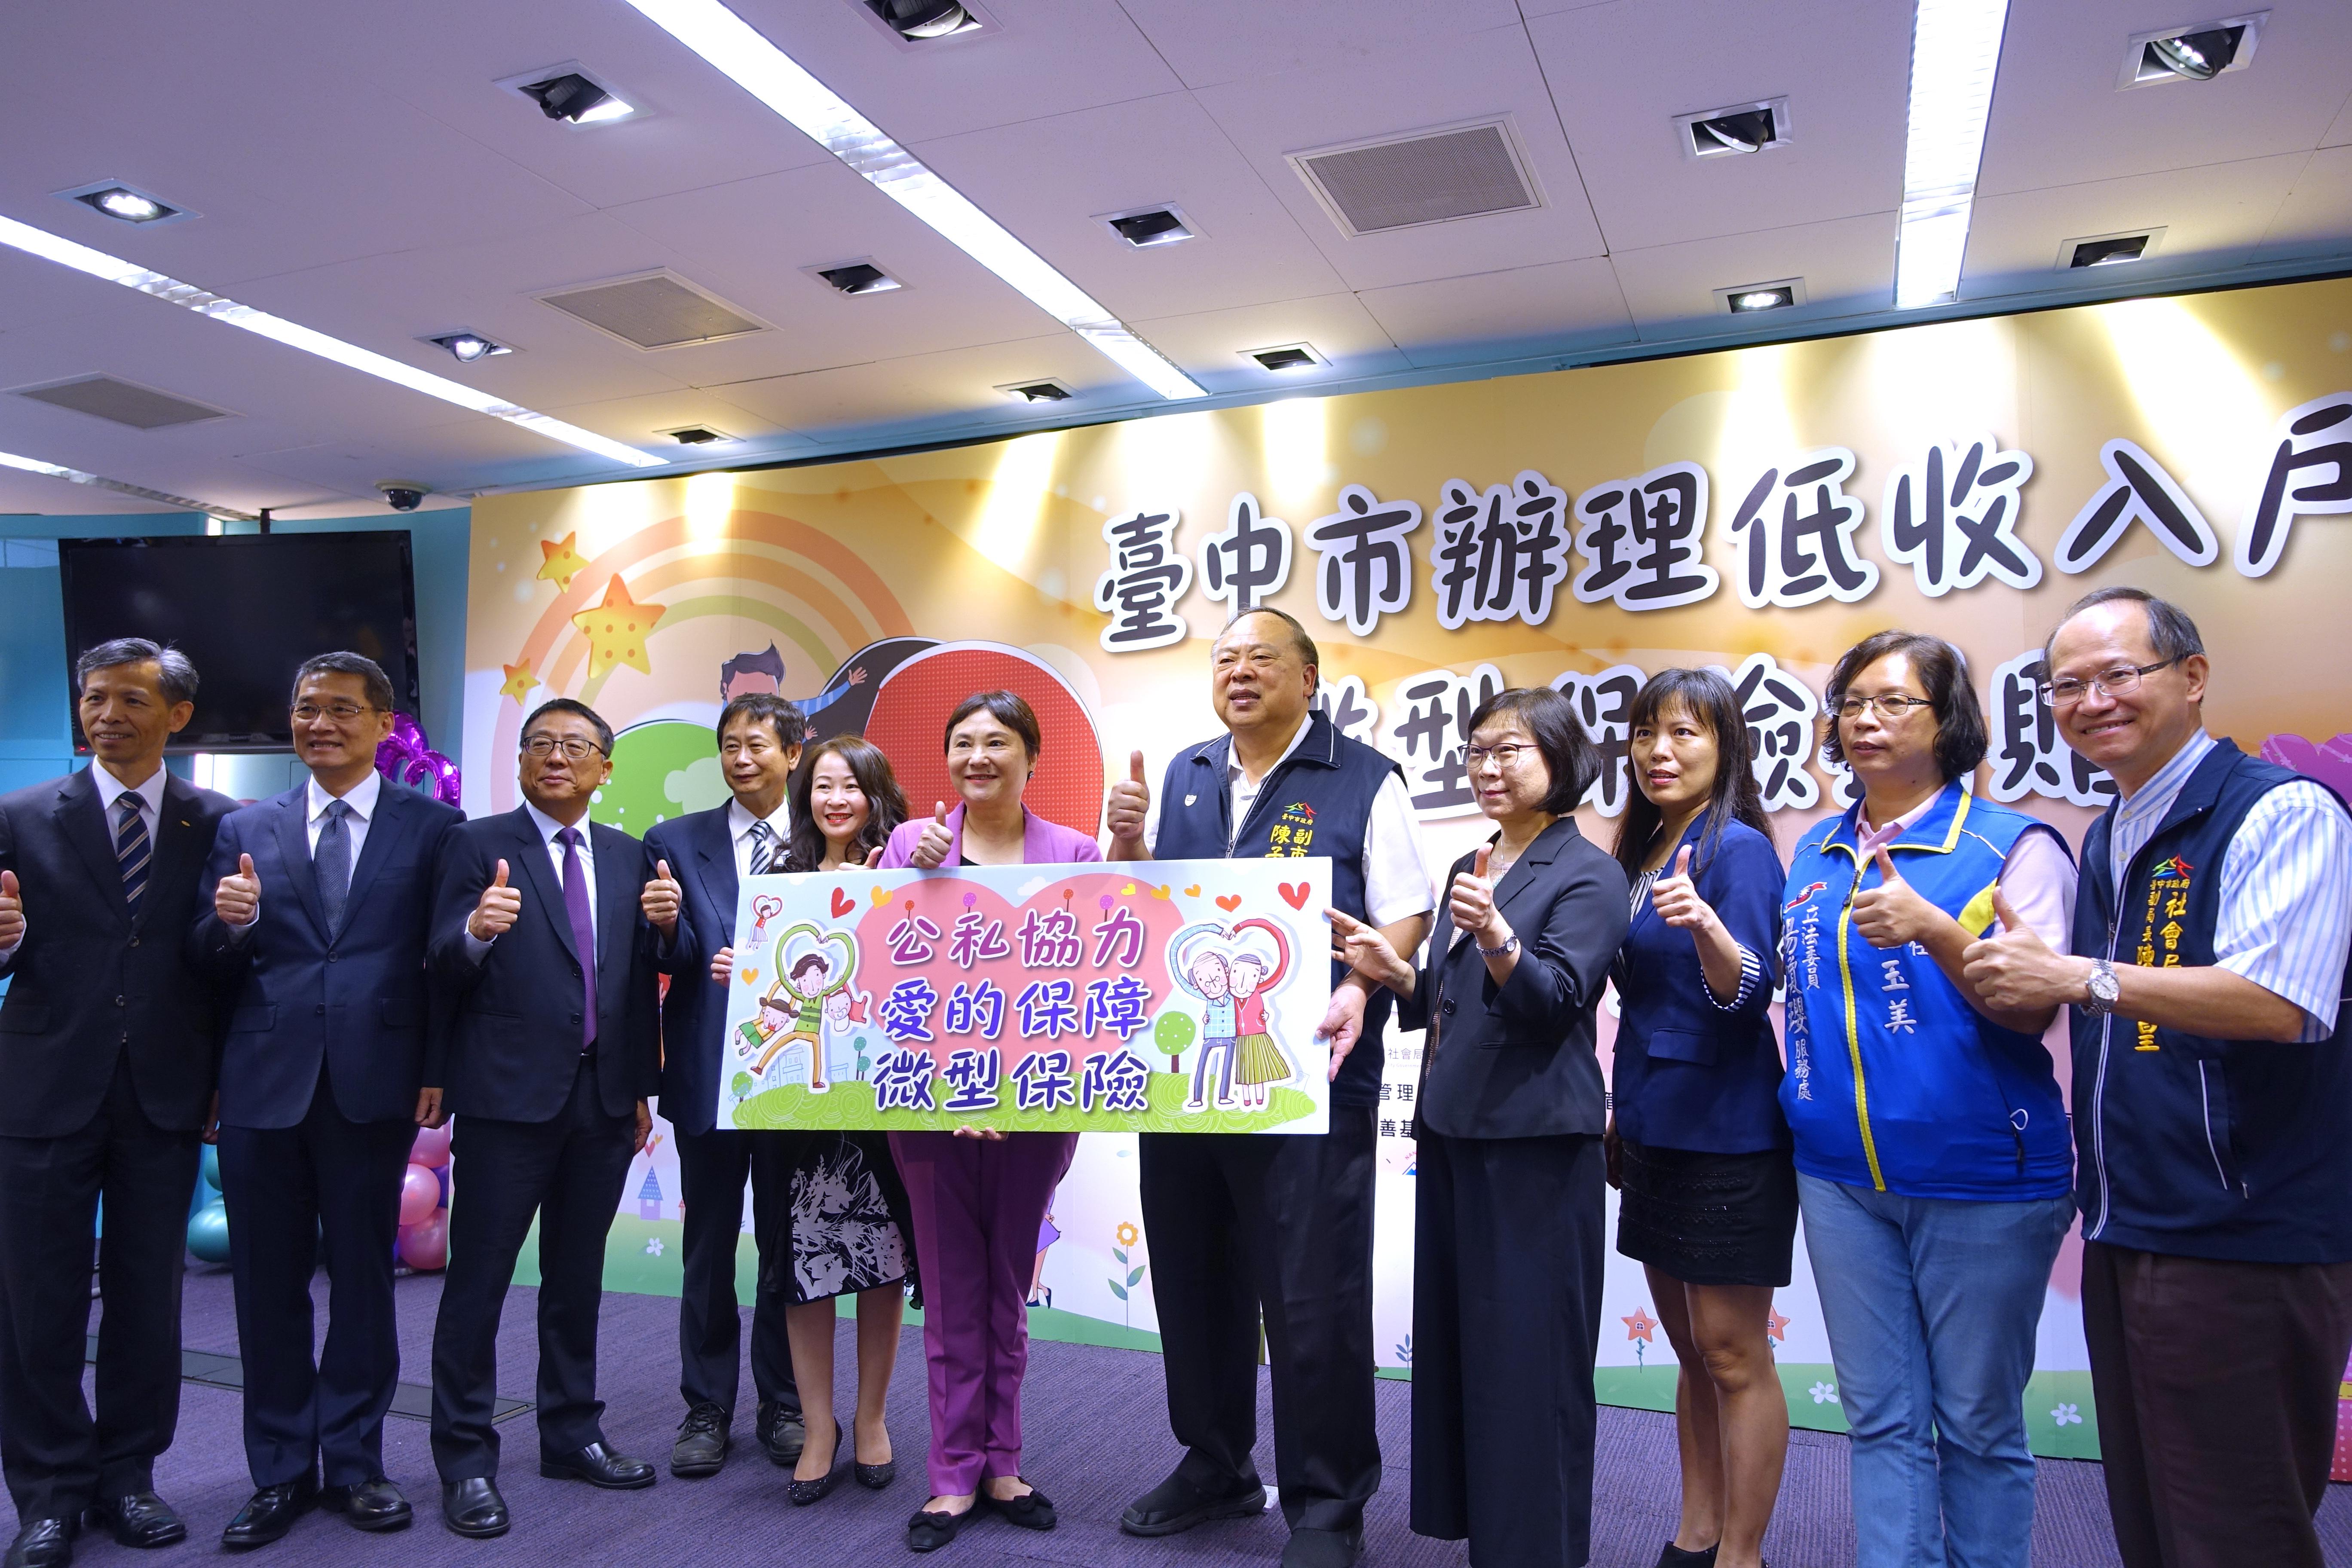 臺中市政府辦理微型保險,由六家保險公司及永達保經共同協力完成。